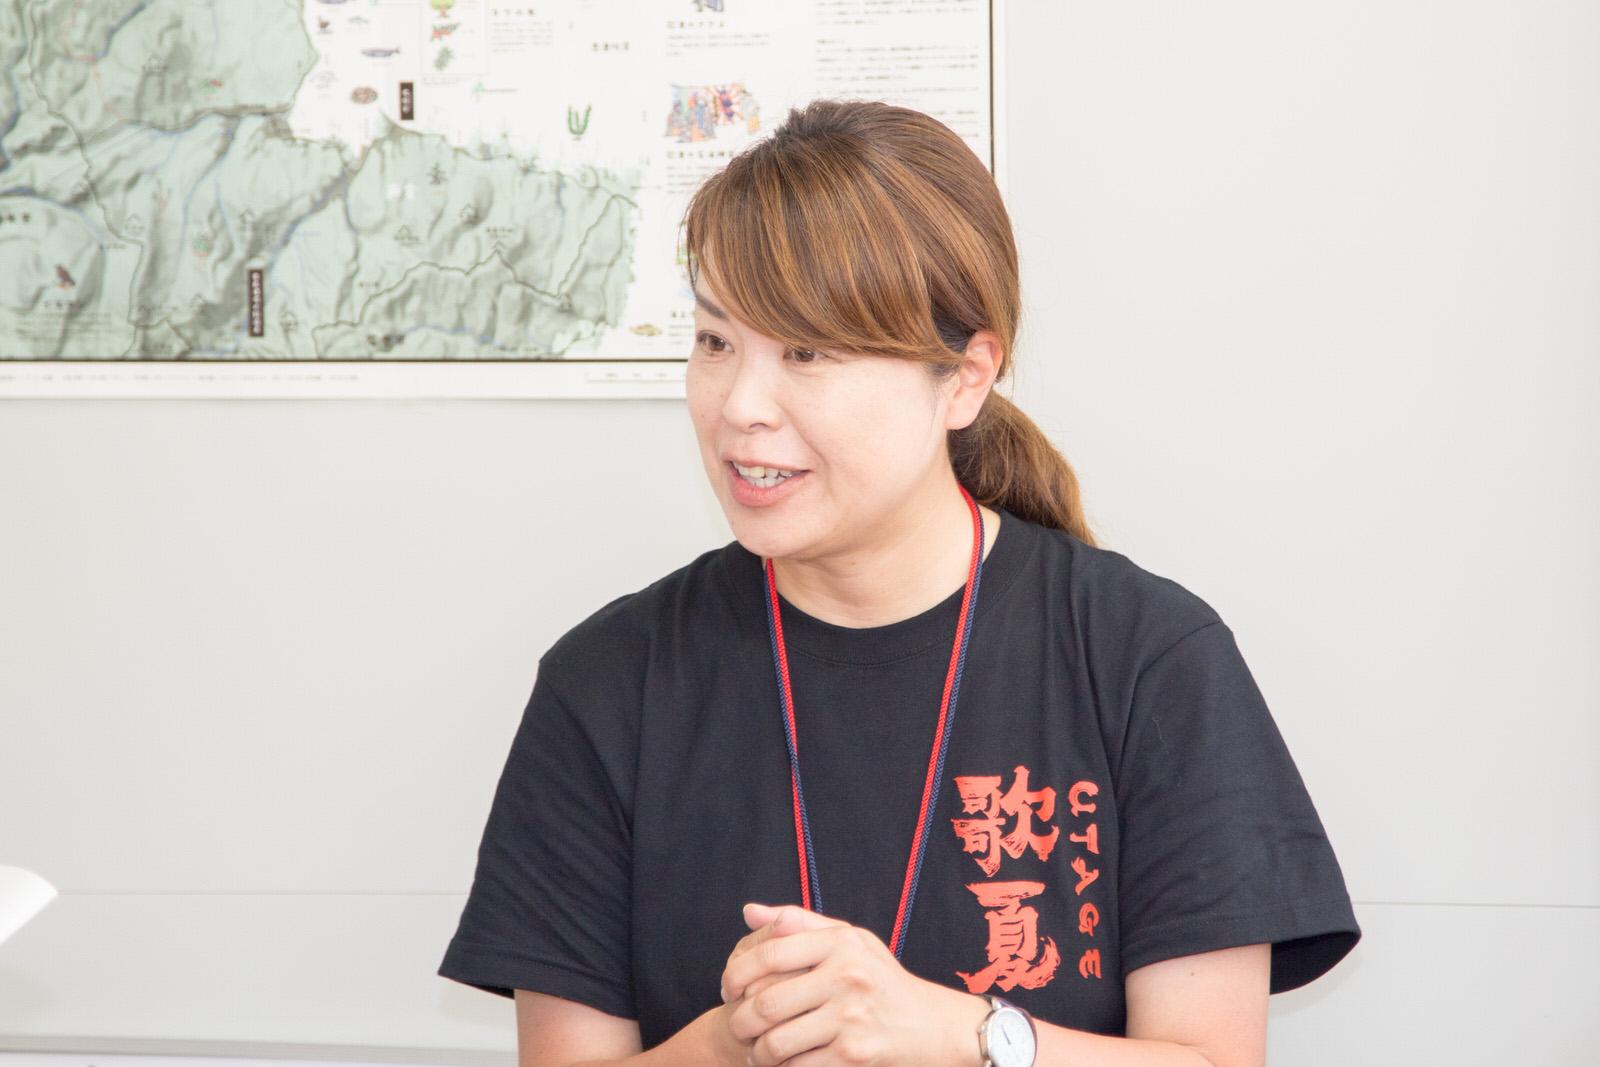 南三陸応縁団の立ち上げに関わった産業振興課観光振興係の宮川舞さん